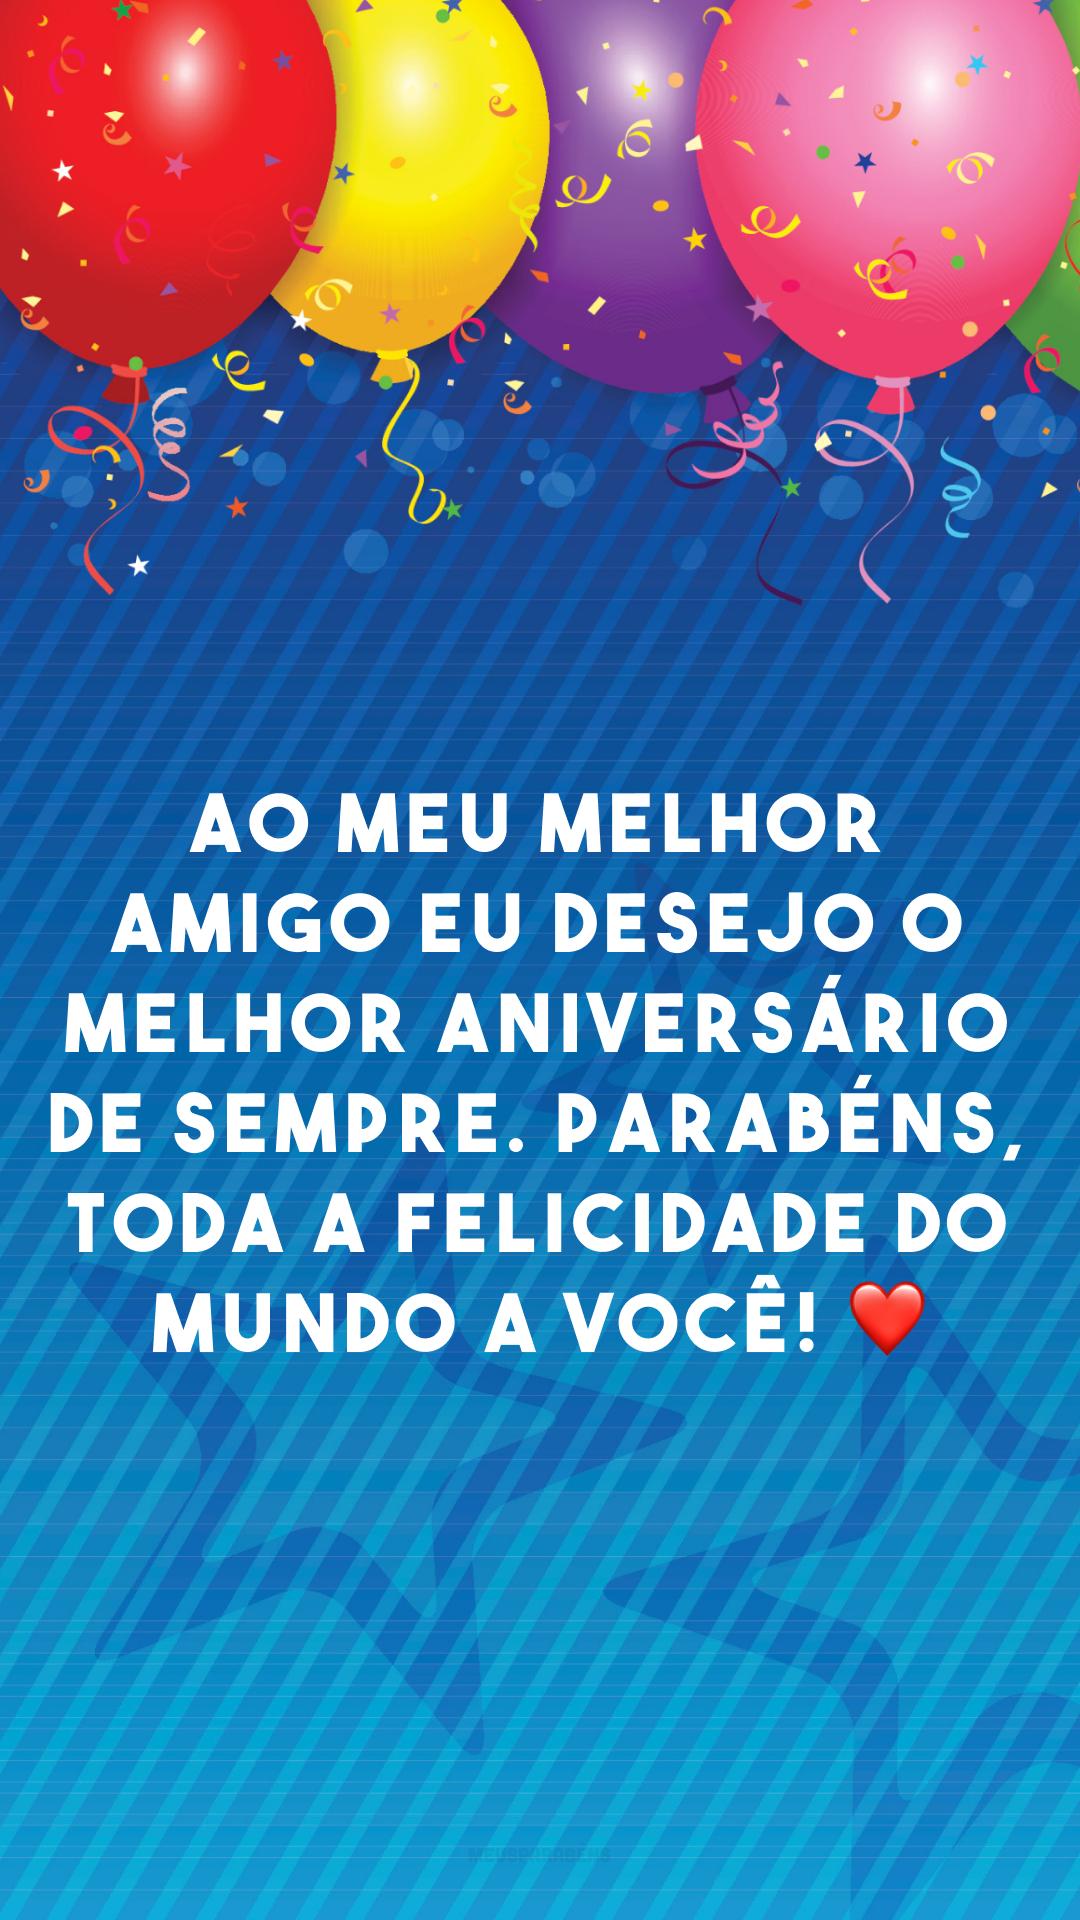 Ao meu melhor amigo eu desejo o melhor aniversário de sempre. Parabéns, toda a felicidade do mundo a você! ❤